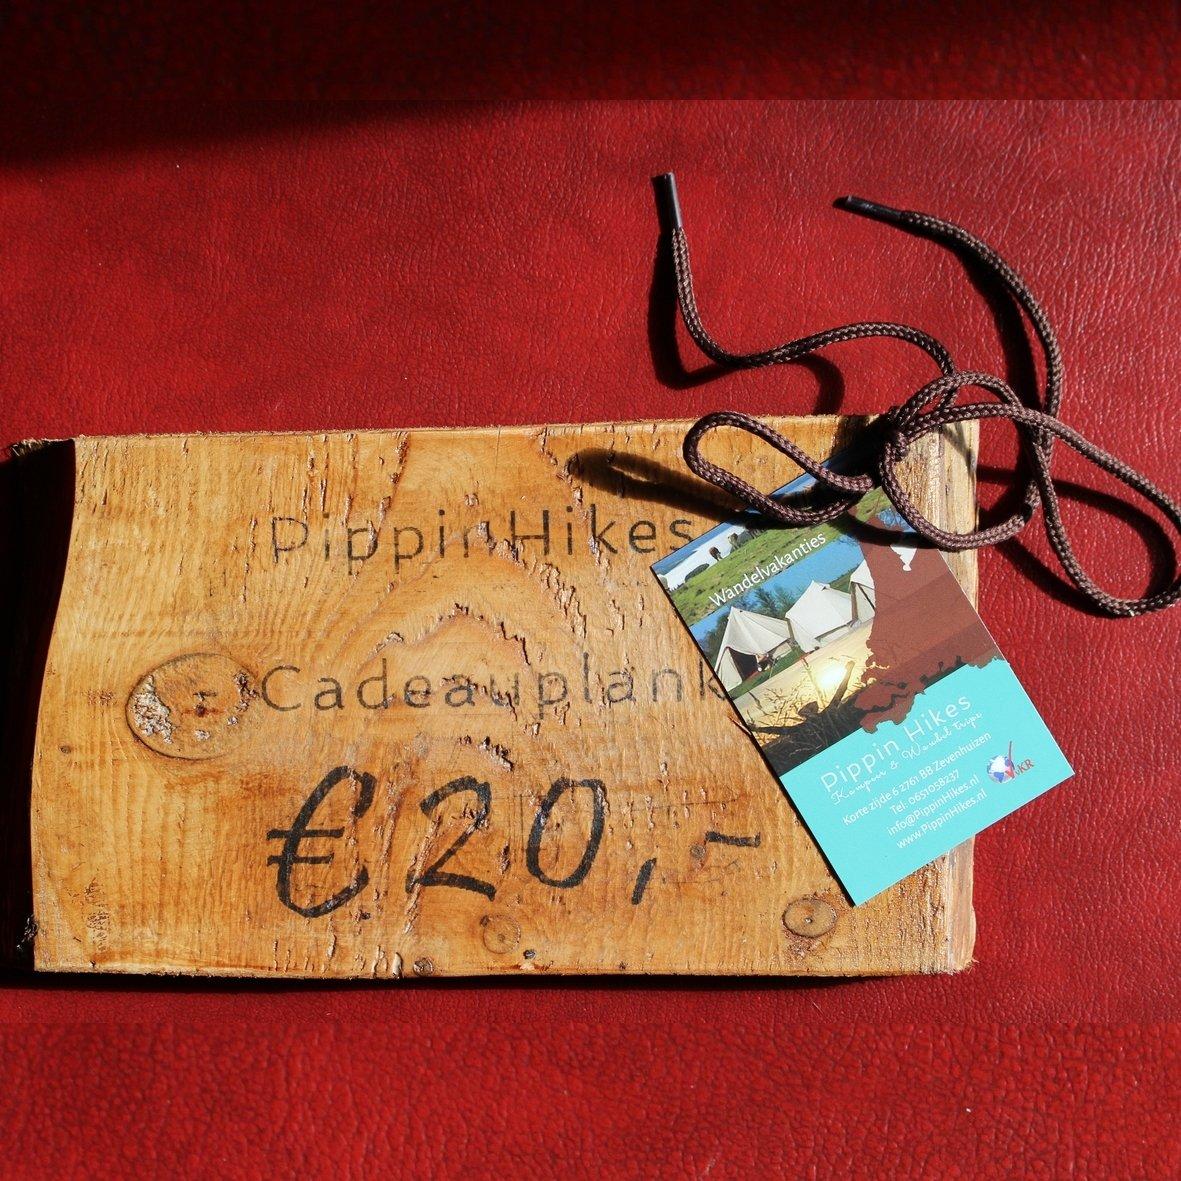 Cadeau plankje | div. bedragen